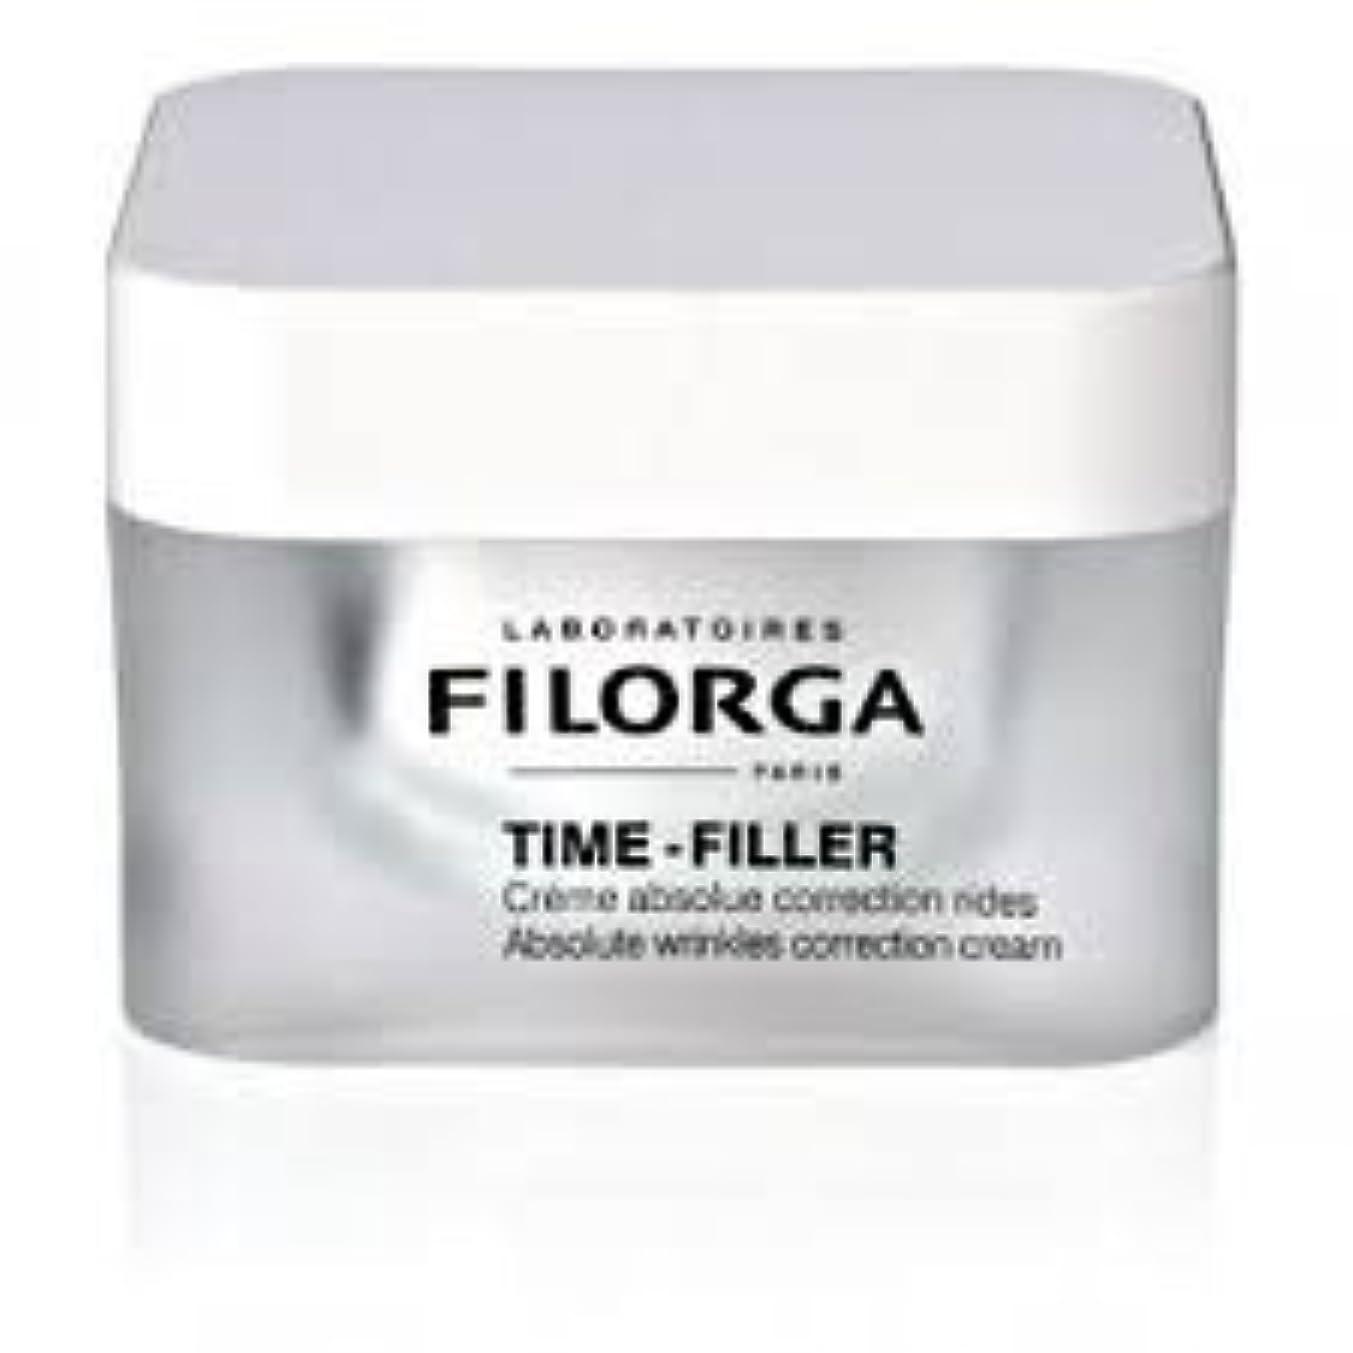 素人騙す防衛フィロルガ[FILORGA]タイム フィラー 50ML TIME FILLER 50ML [海外直送品] [並行輸入品]